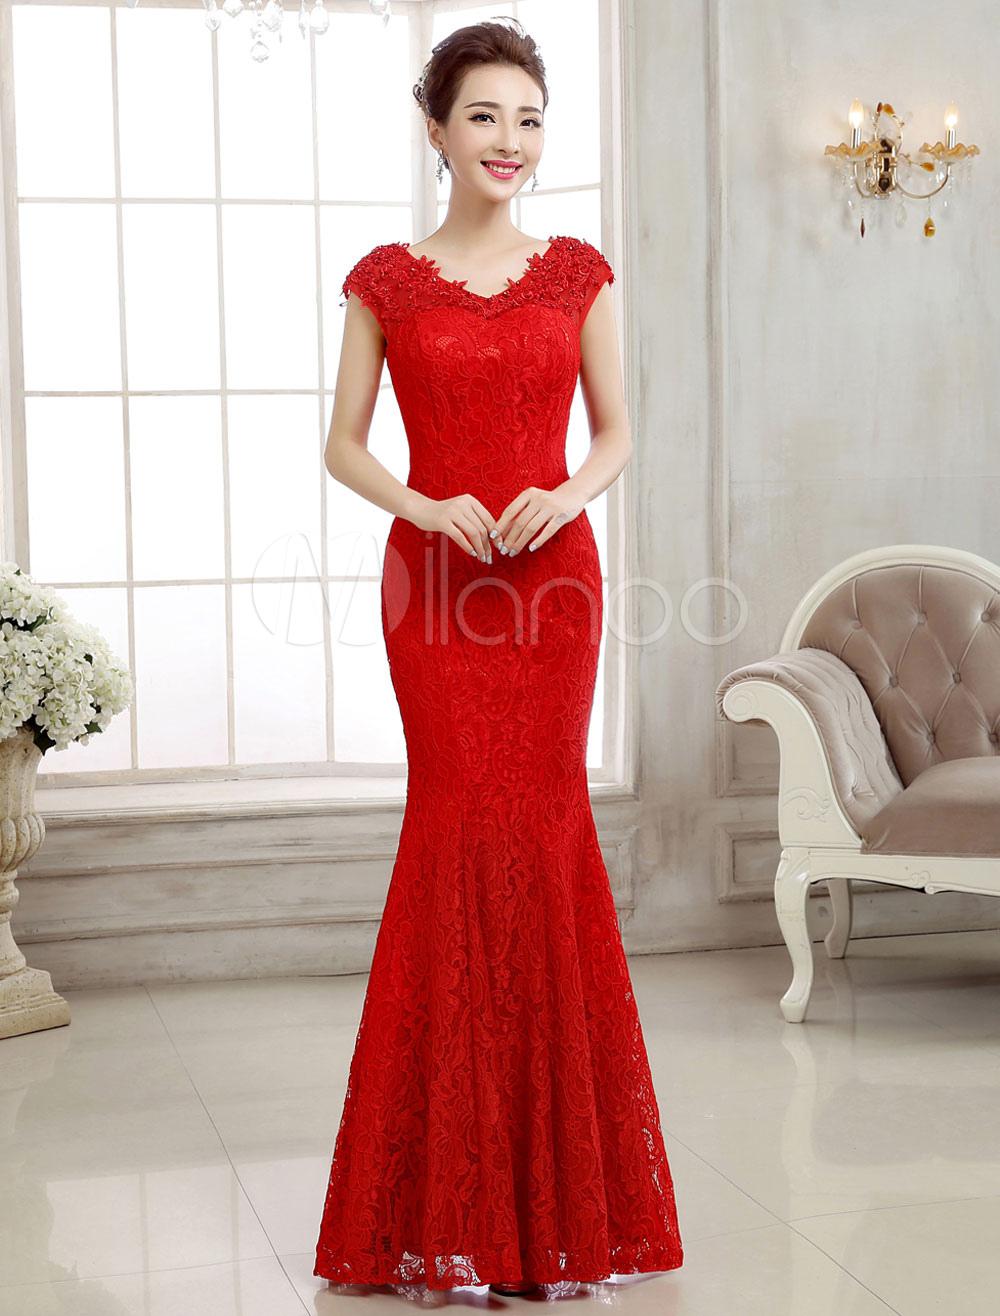 Rote abendkleider spitze v ausschnitt mermaid formale kleid backless bodenlangen abendkleider - Milanoo abendkleider ...